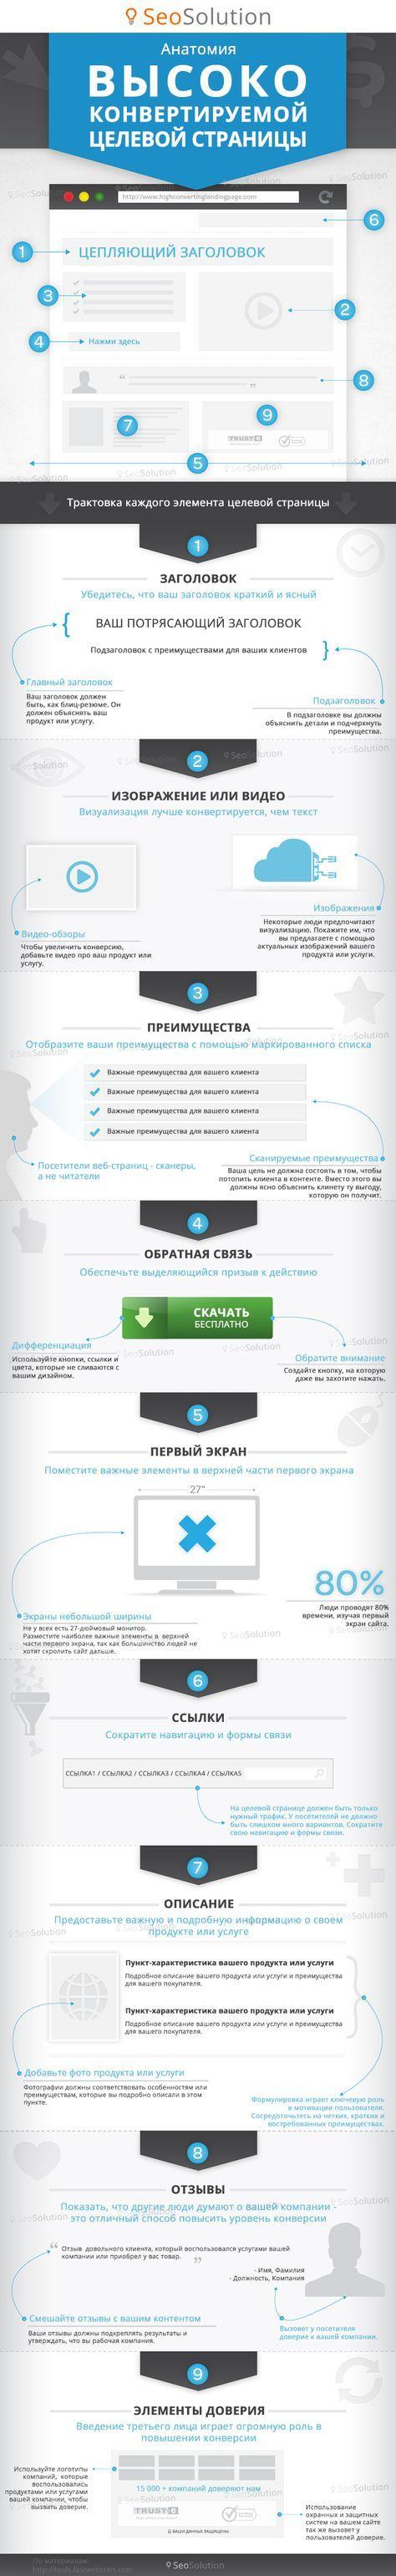 Инфографика: повышаем конверсию лендинга https://seosolution.ua/blog/infographics/high-converting-landing-page-infographics.html #SeoSolution #seo #smm #blog #marketing #web #it #kharkov #сео #смм #продвижение #бизнес #реклама #сайт #харьков #оптимизация